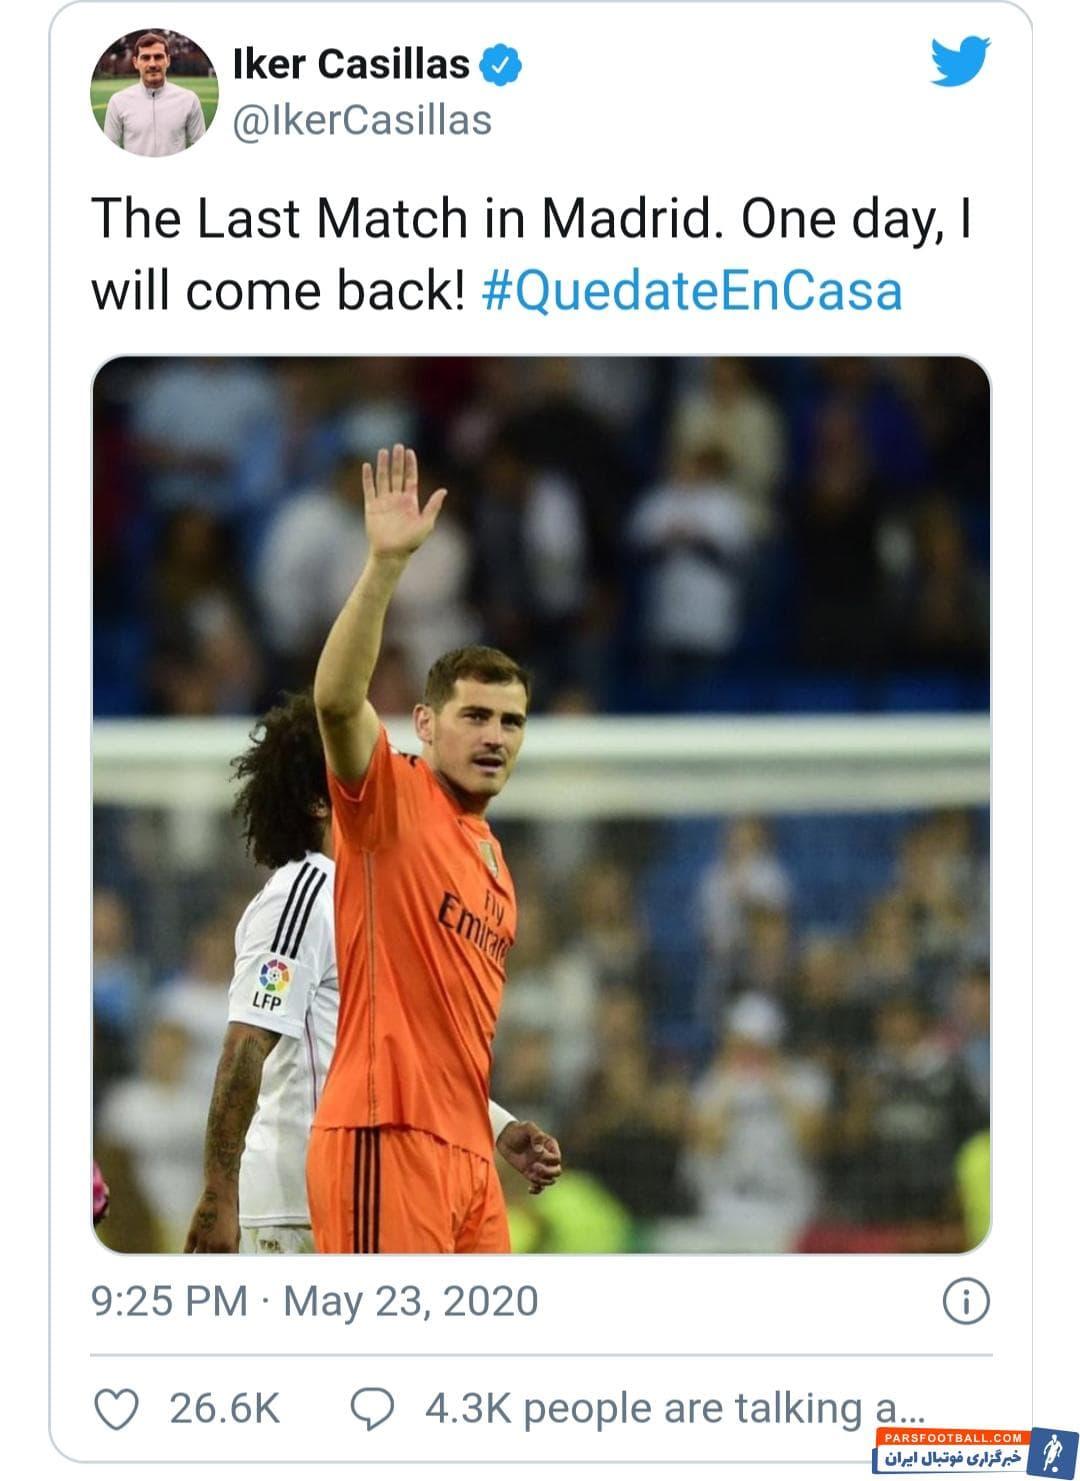 ایکر کاسیاس اسطوره باشگاه رئال مادرید بعد از پشت سر گذاشتن ۱۶ سال فوقالعاده در جمع کهکشانیها نهایتاً با بی مهری فراوان در سال ۲۰۱۵ از این تیم جدا شد.